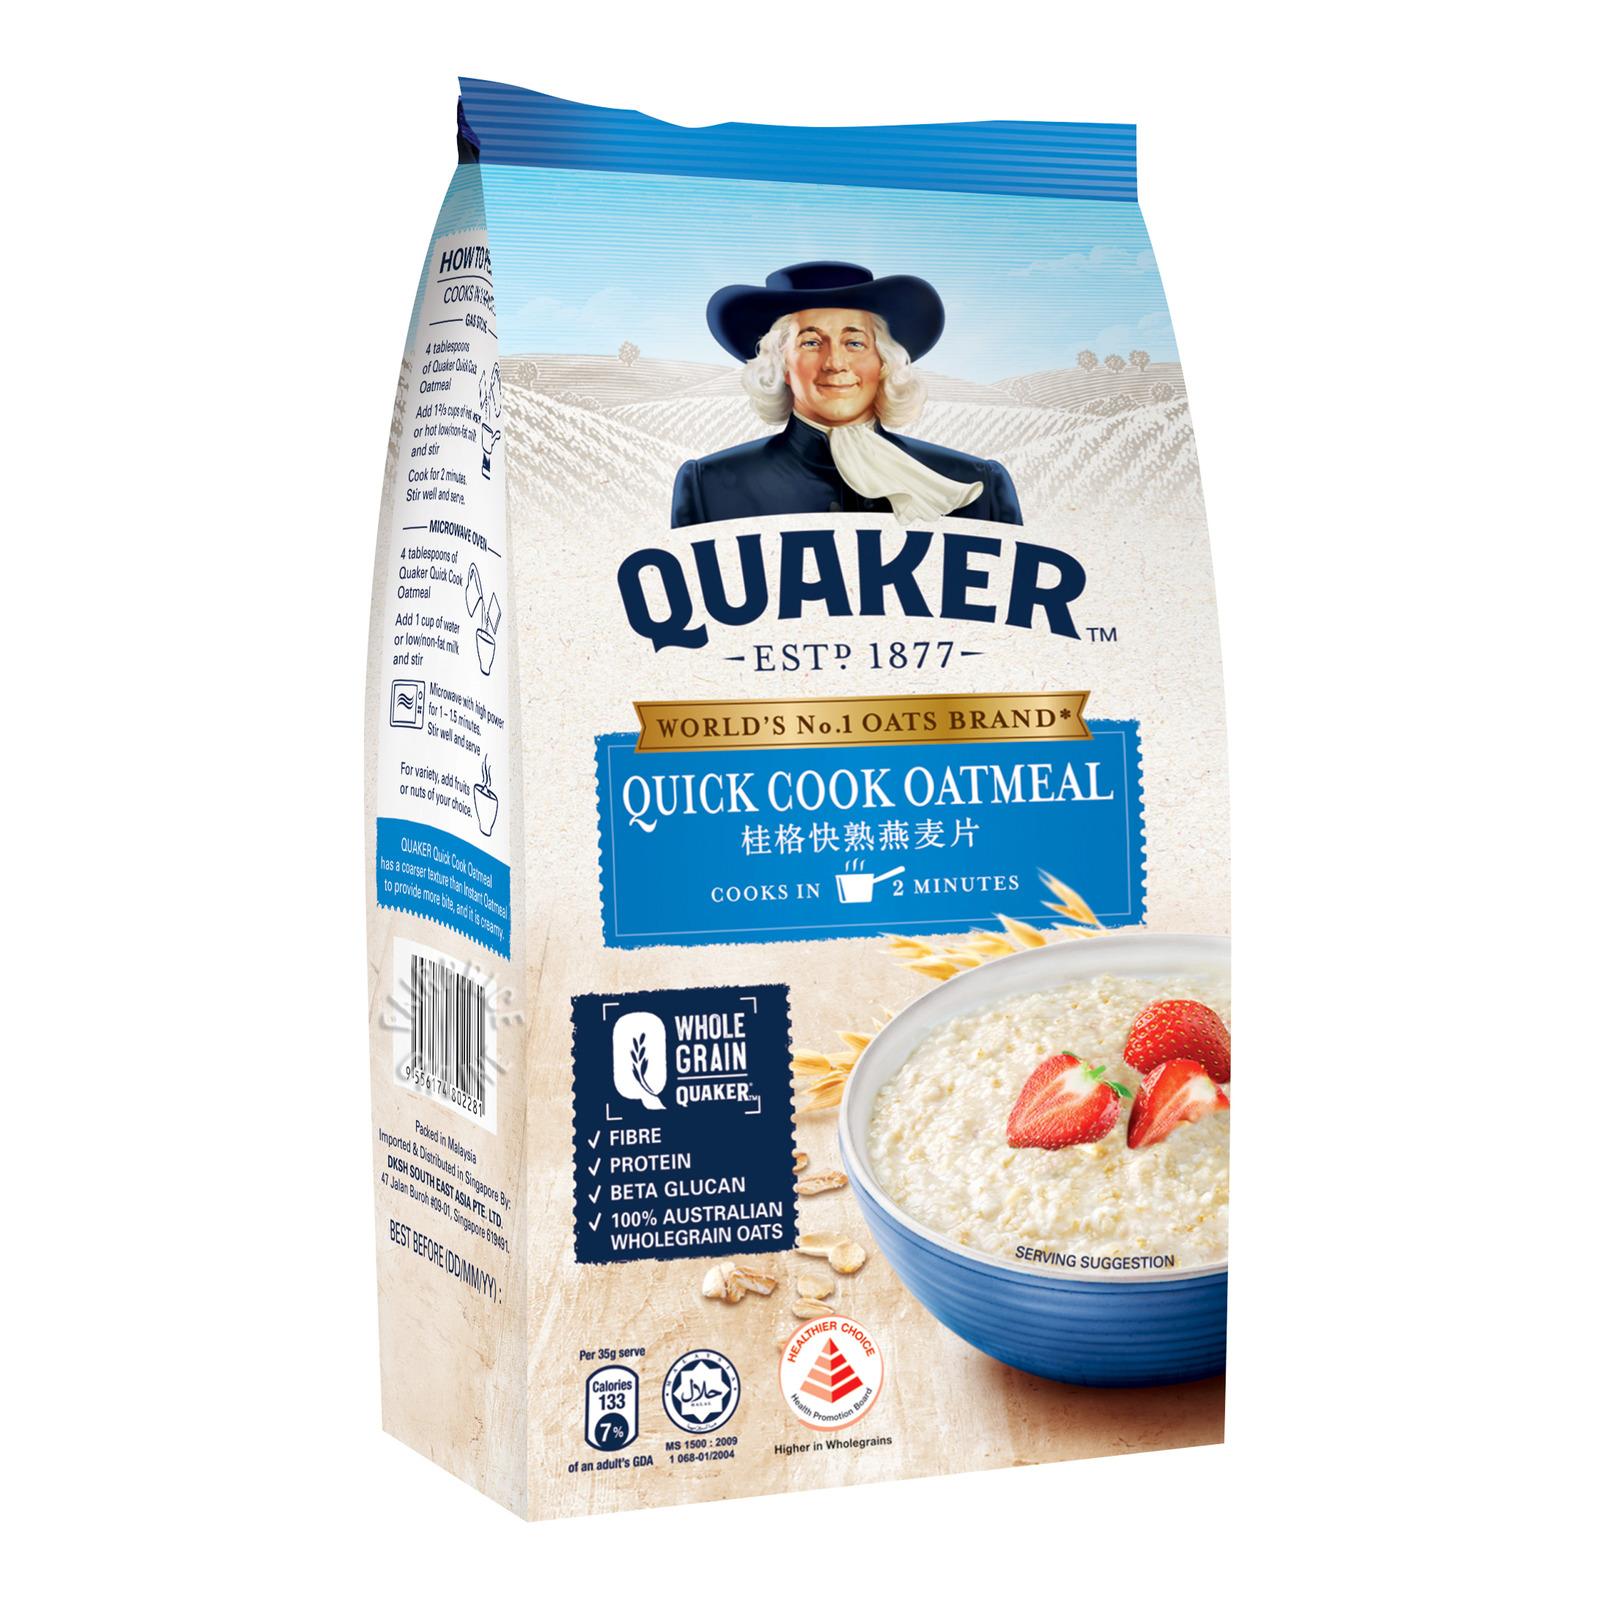 Quaker 100% Wholegrain Oatmeal Refill - Quick Cook